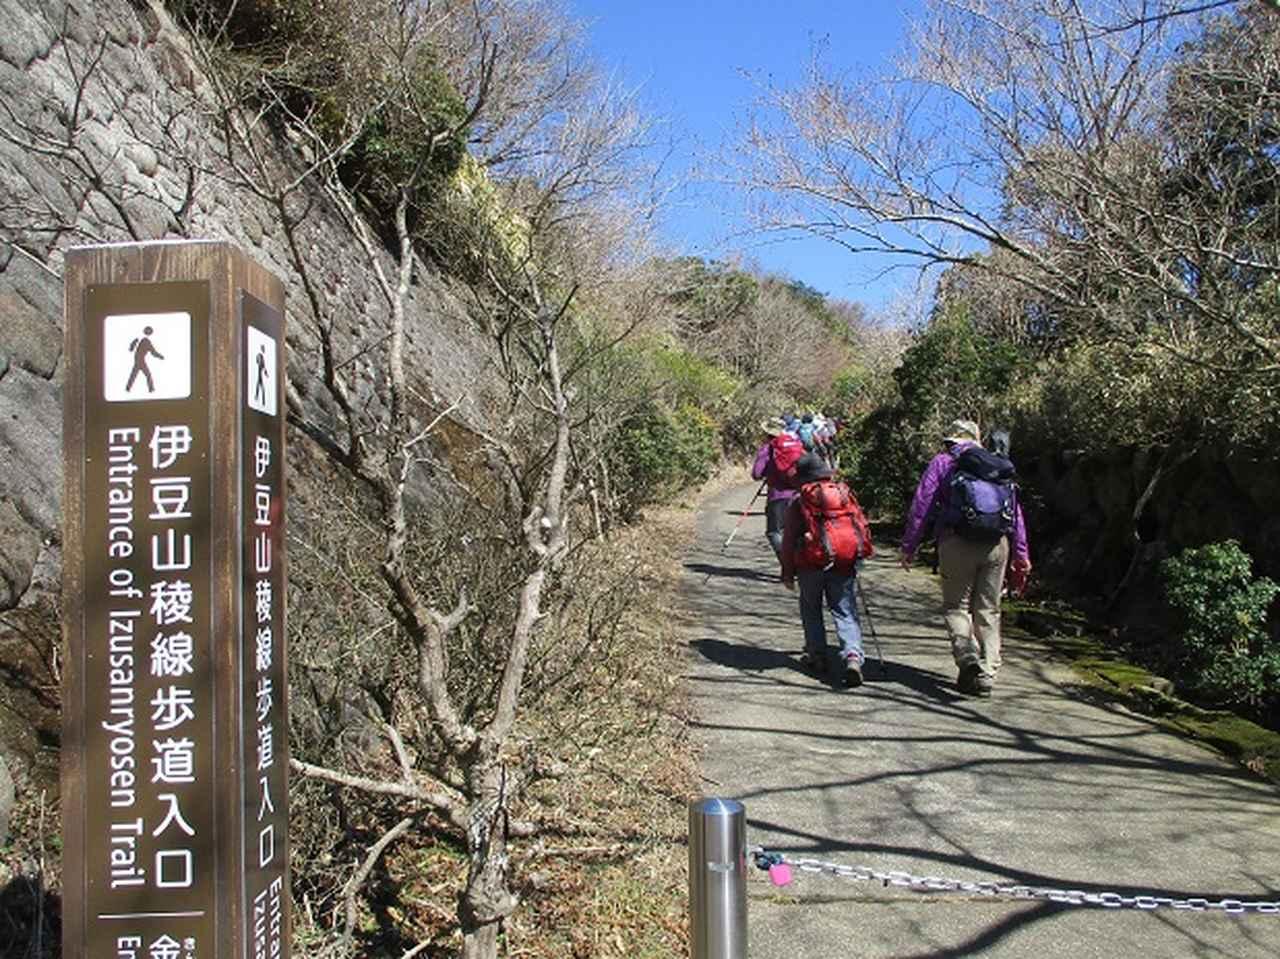 画像8: 3月8日に岡田ガイドと 達磨山 のツアーへ行ってきました♪